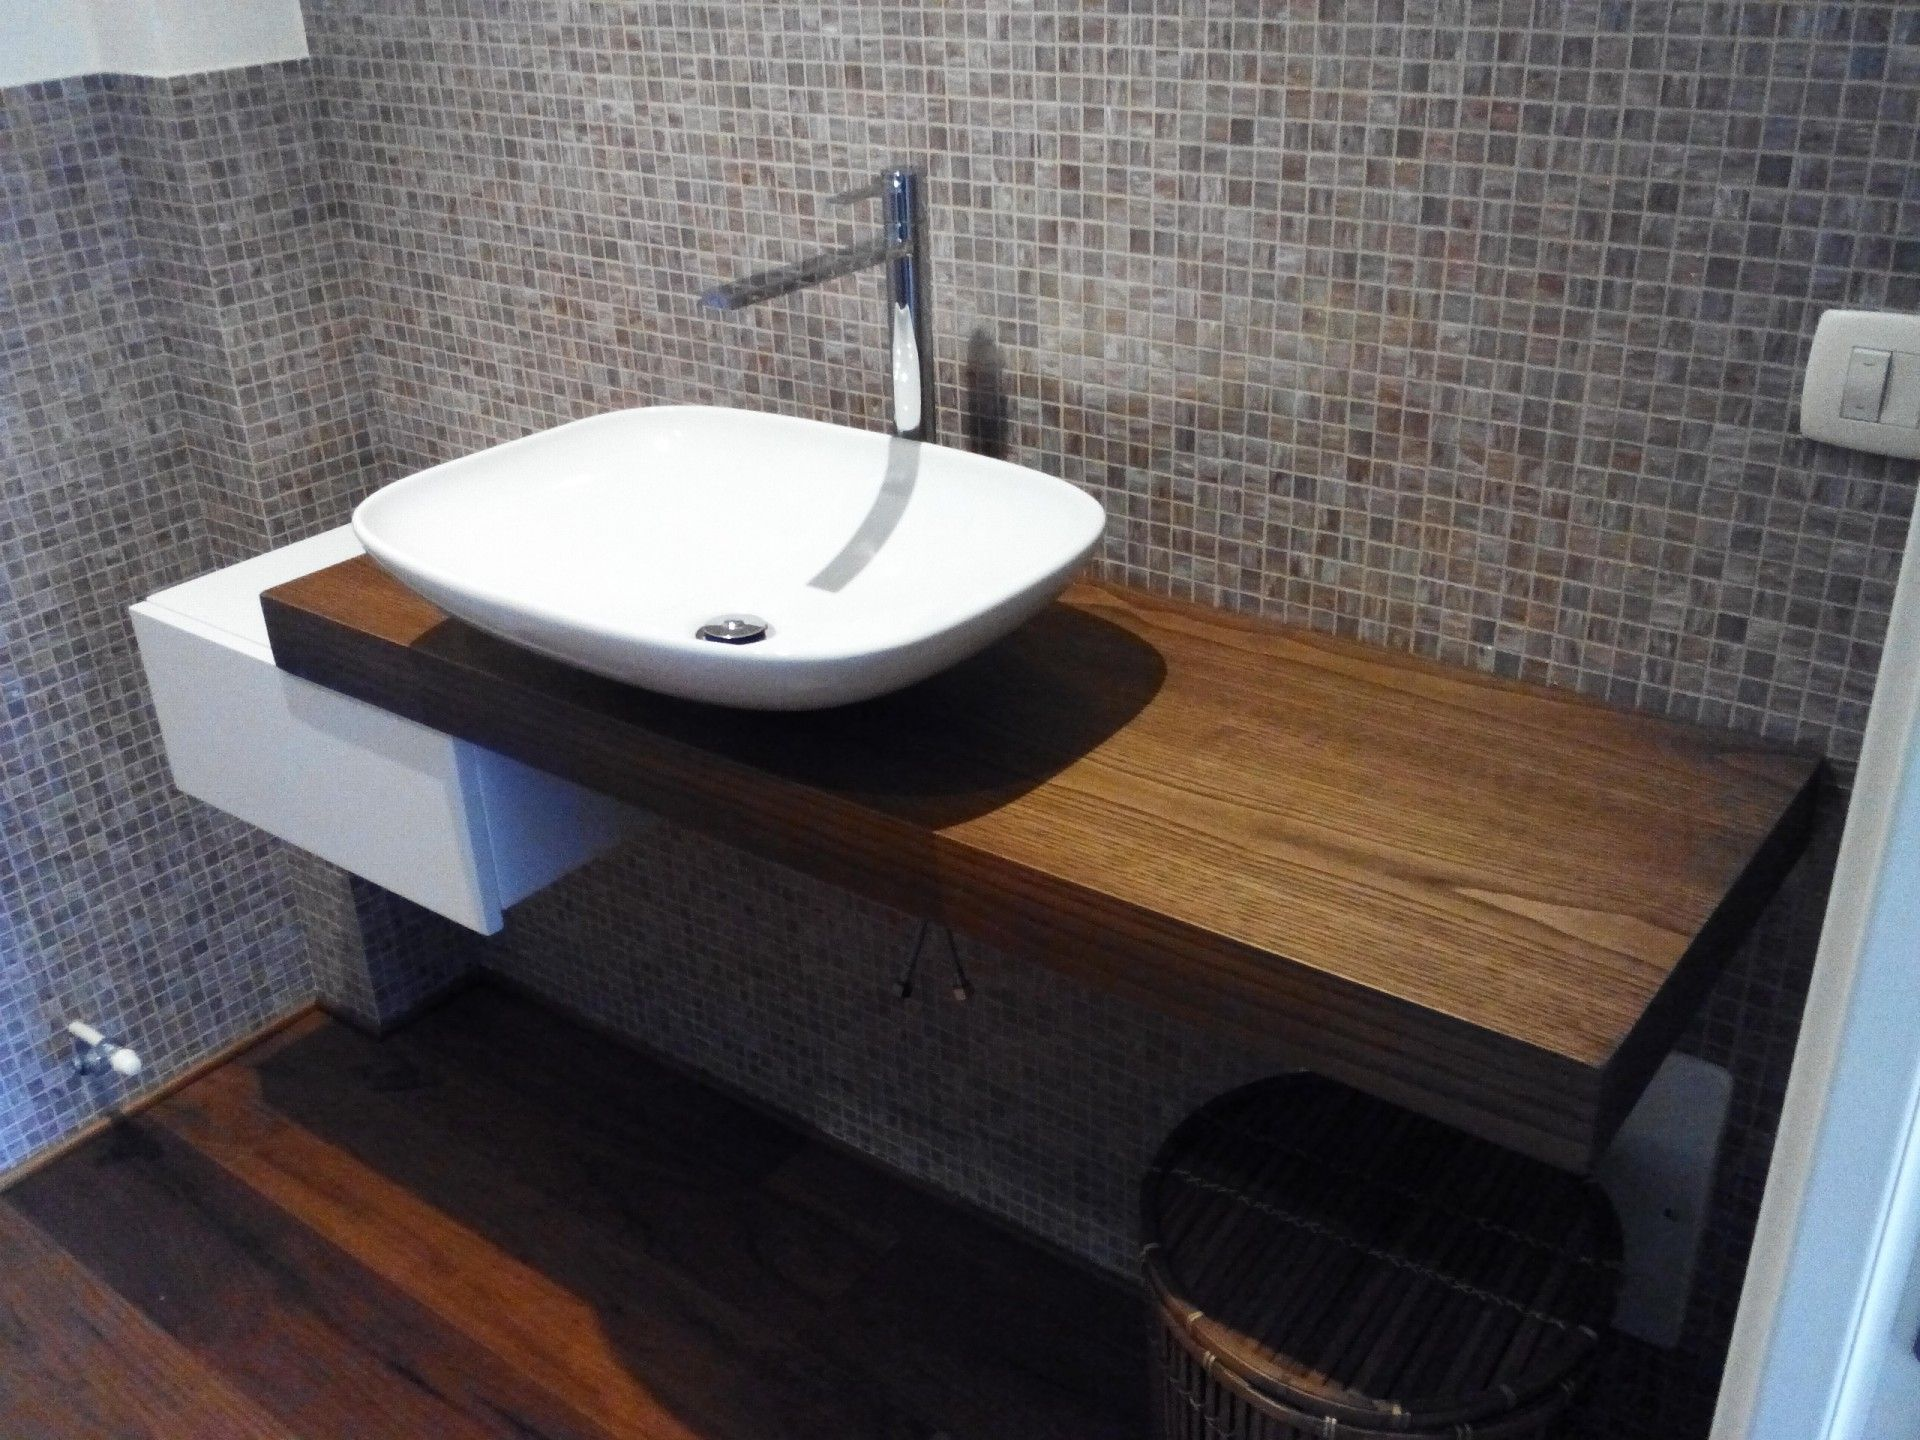 mobili bagno in legno su misura a savona | casa | pinterest - Bagni Moderni Legno